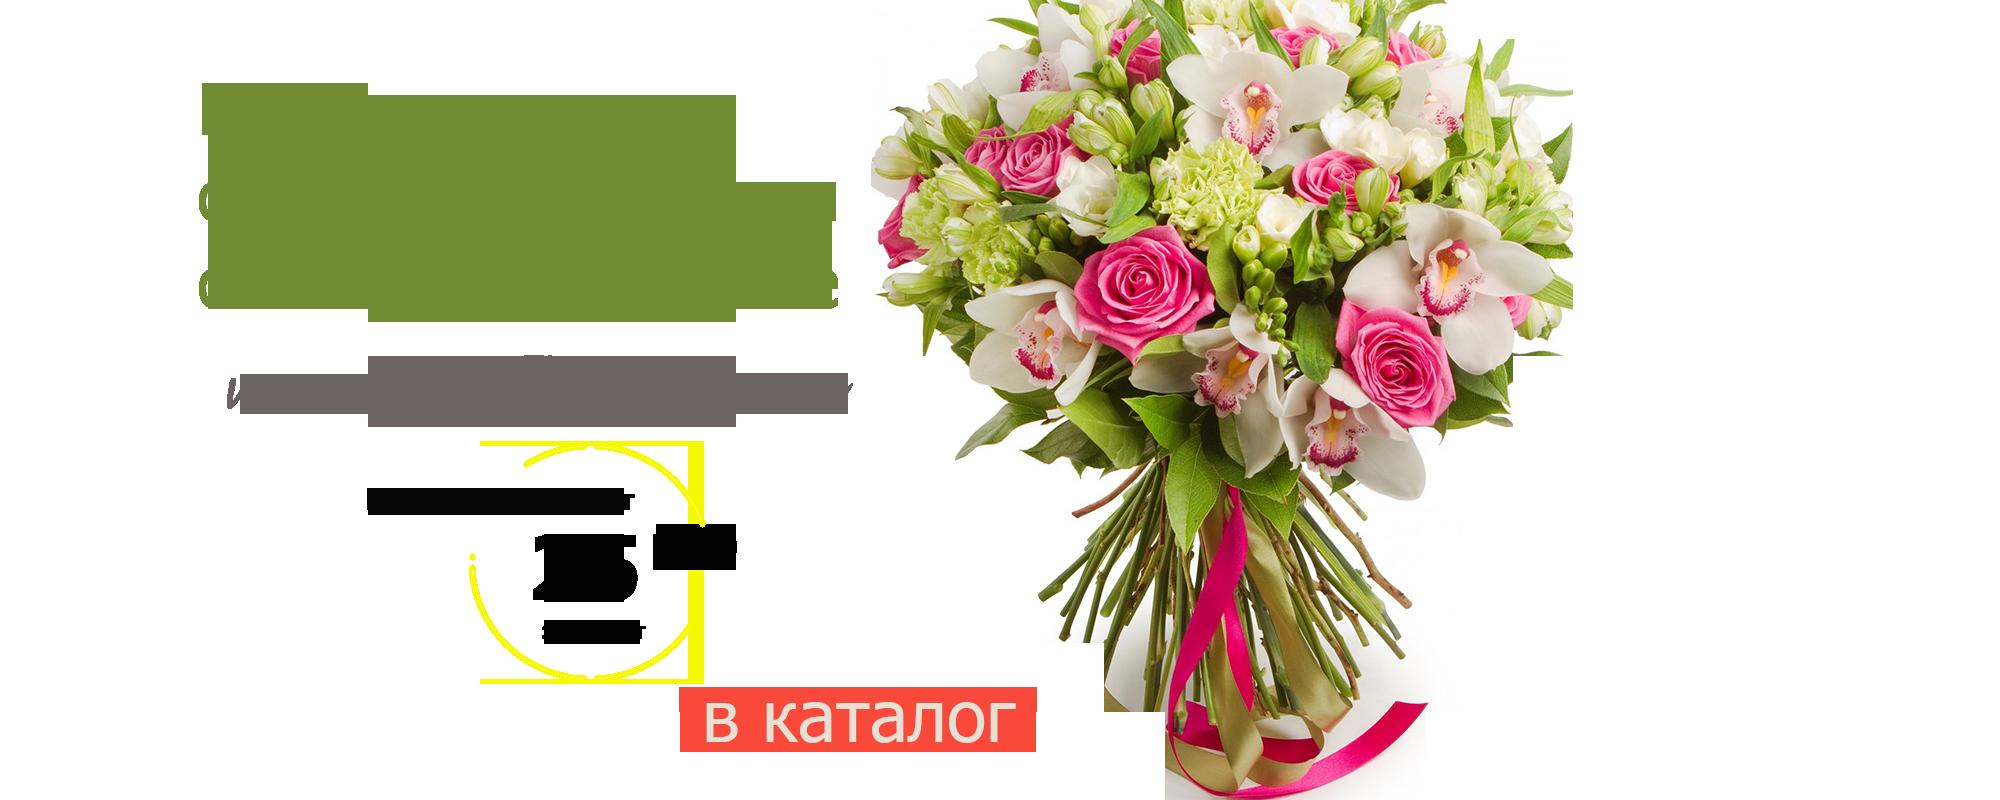 Доставка цветов, шаров в белоруссию подарок к дню святого валентина мужчине украина